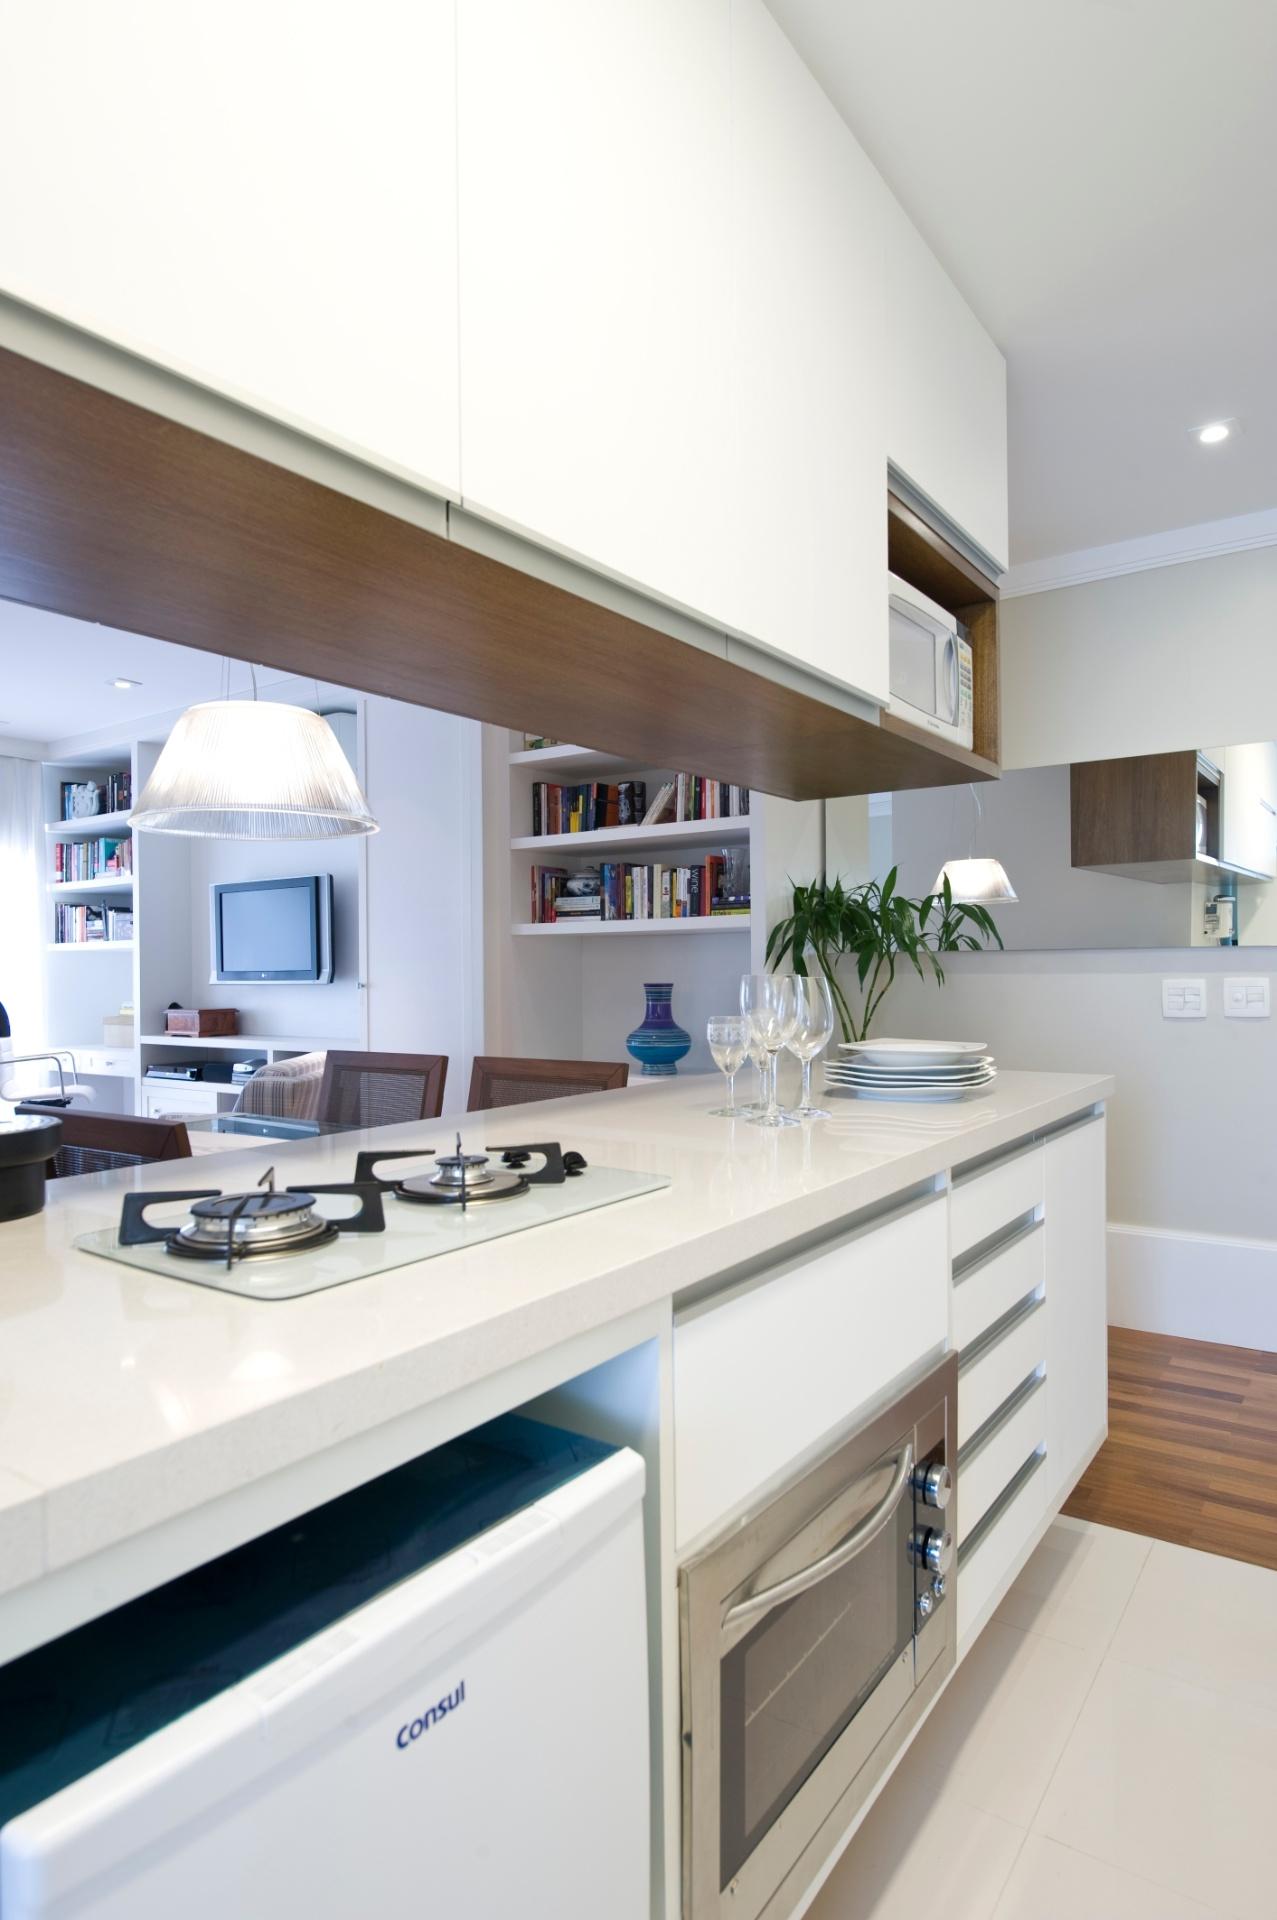 Veja ideias bacanas para construir ou reformar a cozinha de casa BOL  #486183 1277x1920